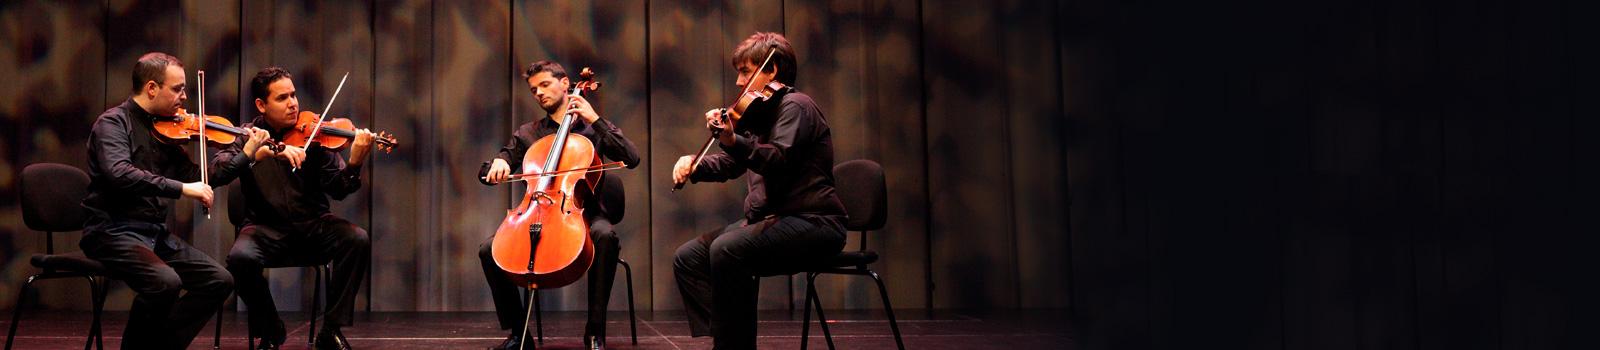 The Matosinhos String Quartet